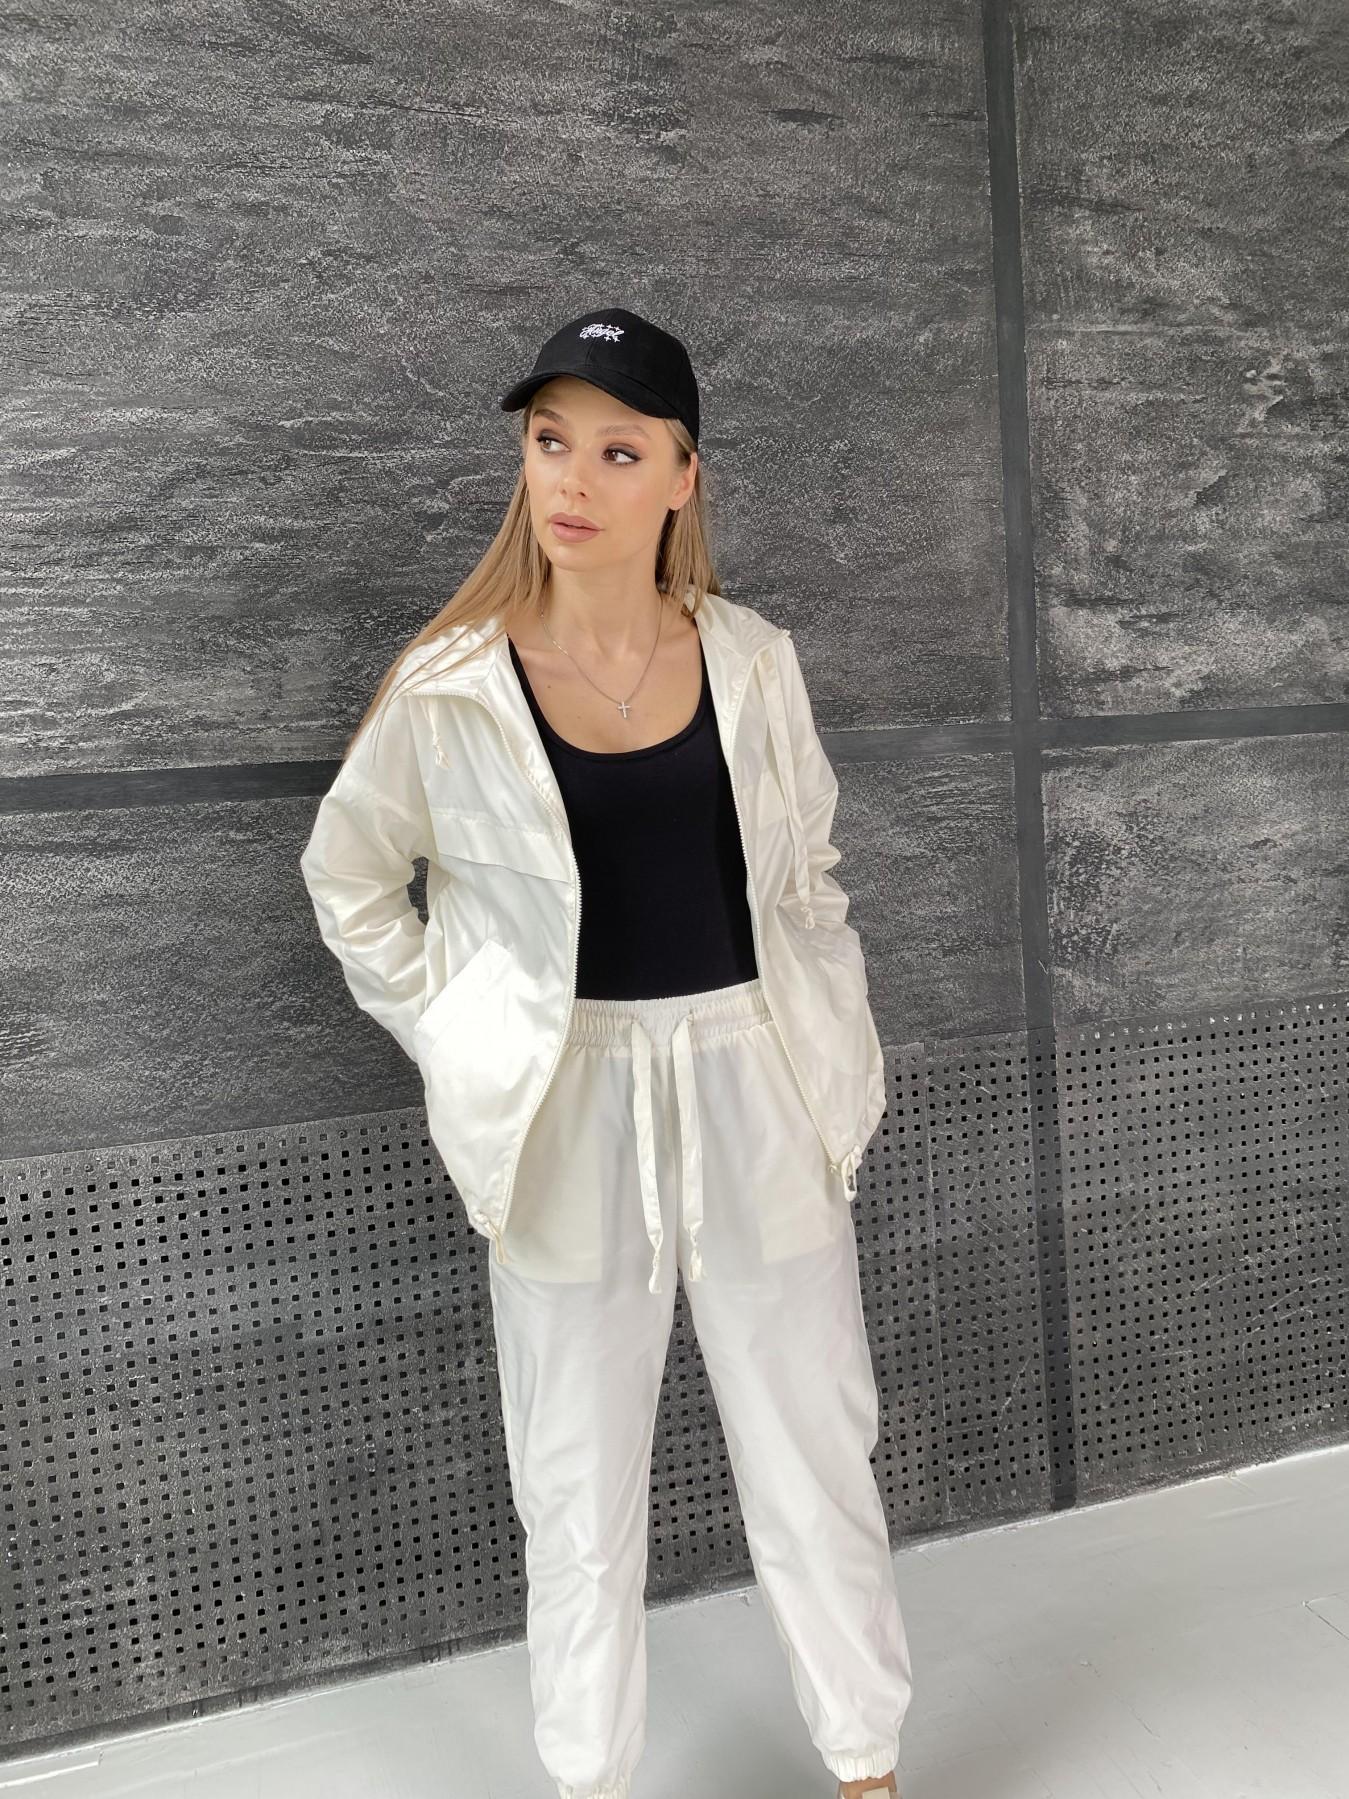 Фит костюм из плащевой ткани 11048 АРТ. 47533 Цвет: Молоко - фото 5, интернет магазин tm-modus.ru